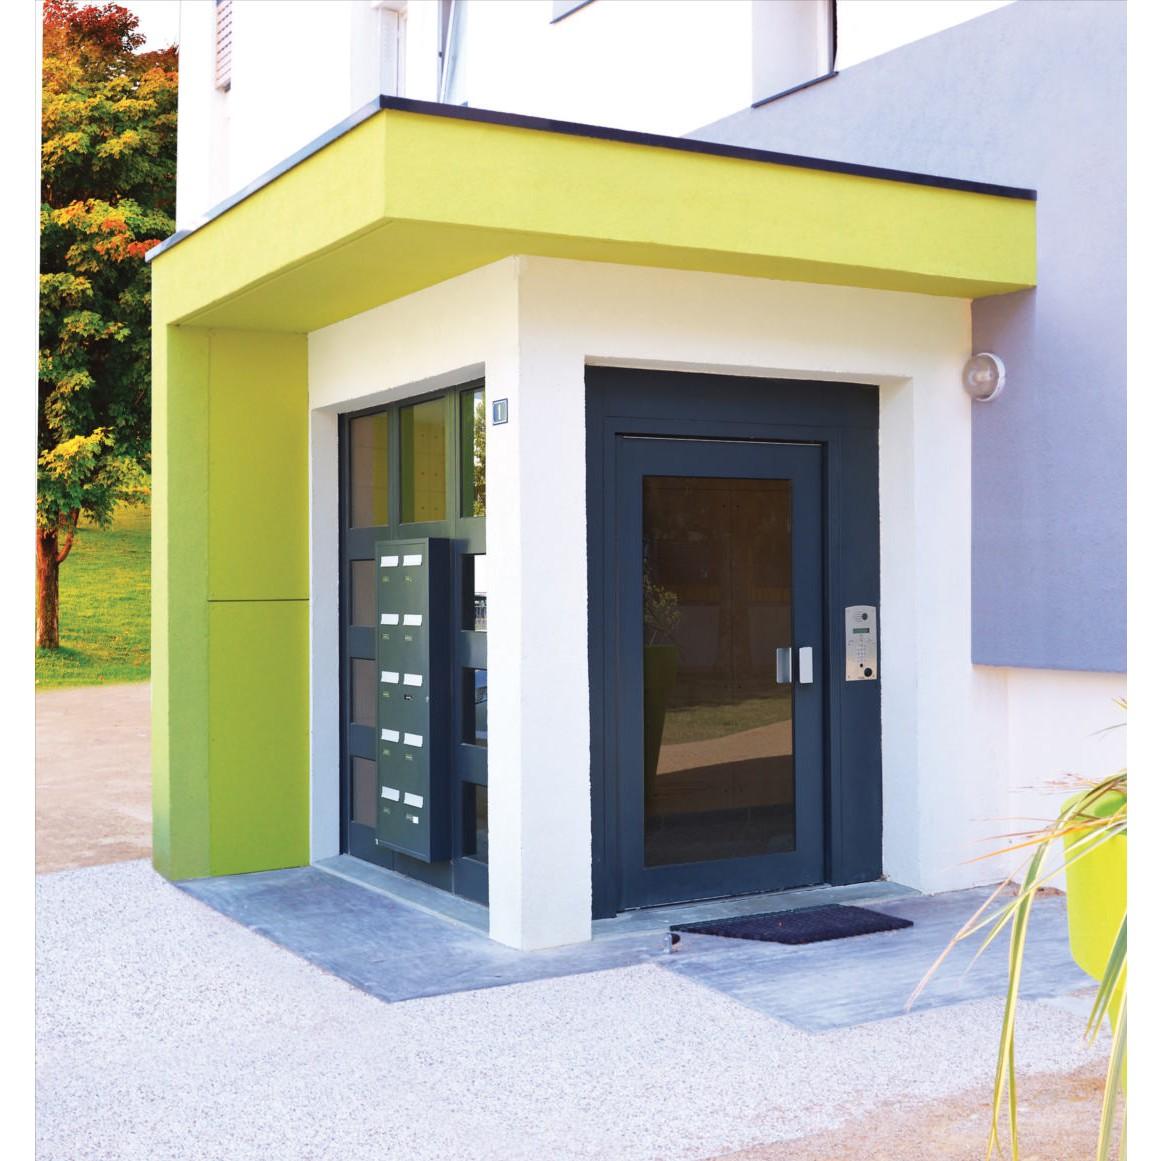 porte d 39 entr e d 39 immeuble gamme s curit renforc e clart. Black Bedroom Furniture Sets. Home Design Ideas